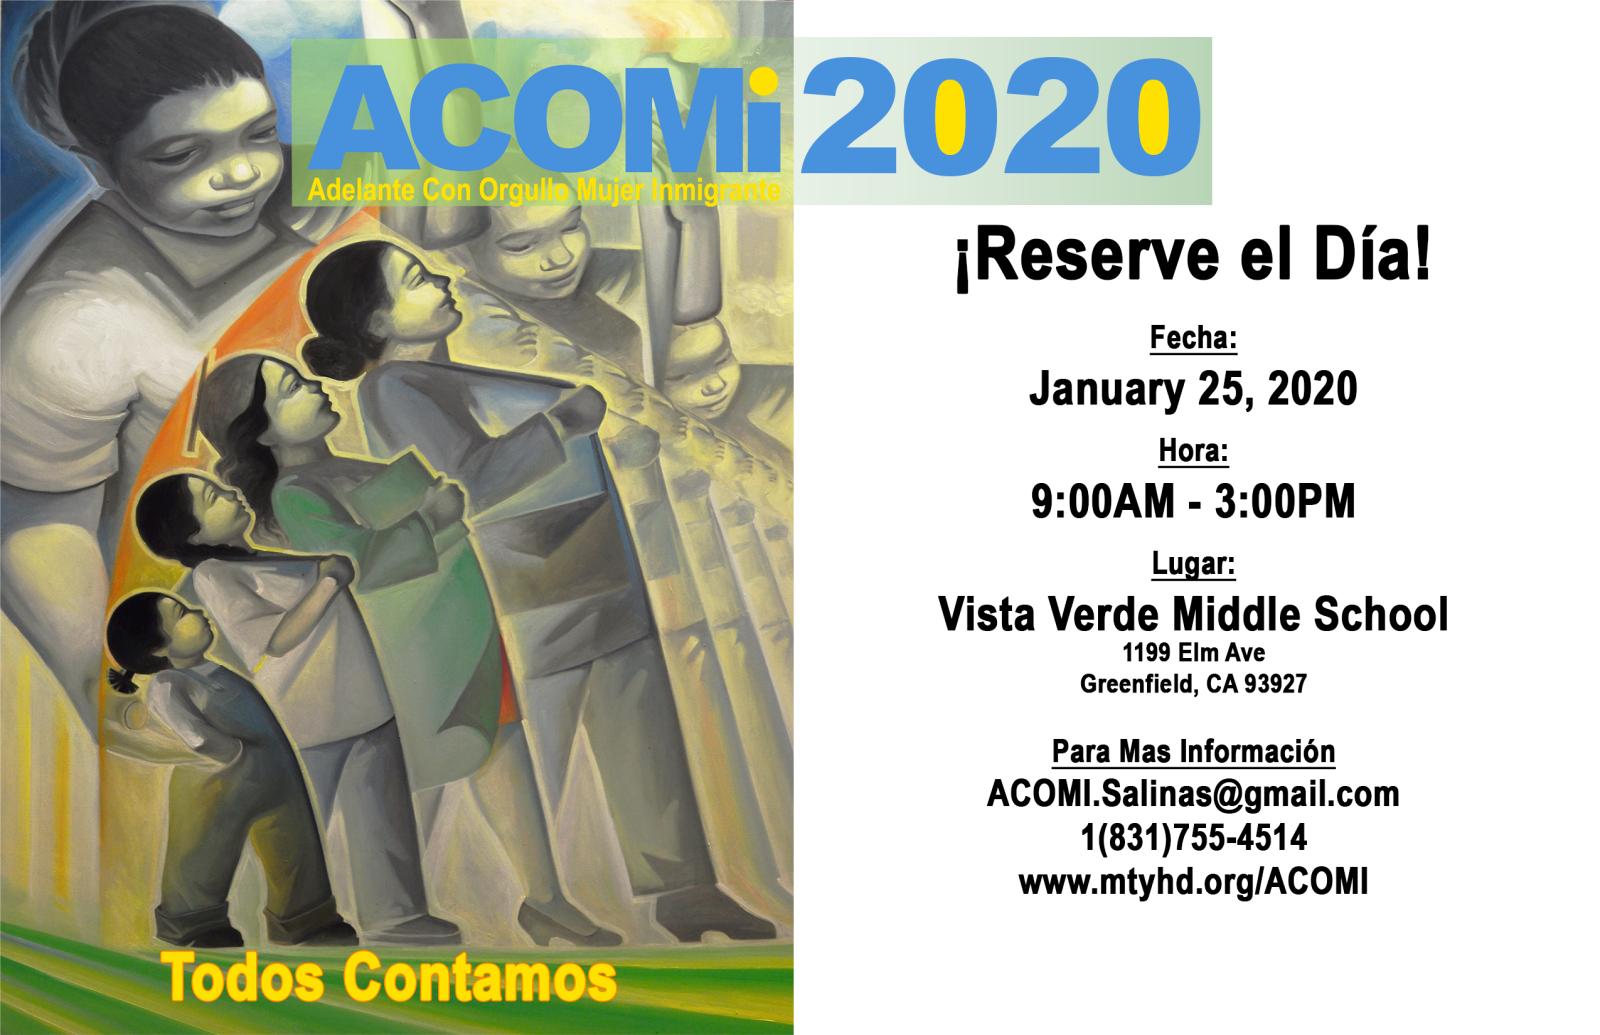 Adelante Con Orgullo Mujer Inmigrante Conference Acomi Monterey County Ca